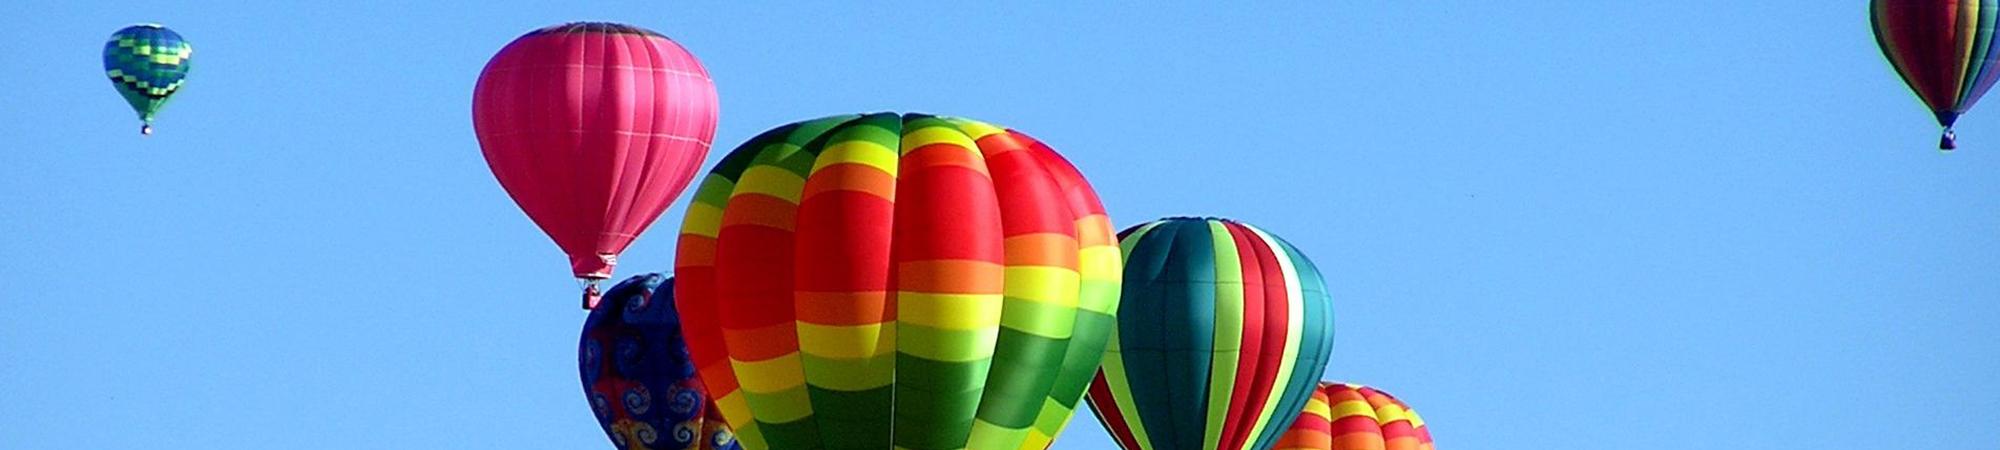 total-slides-balloons